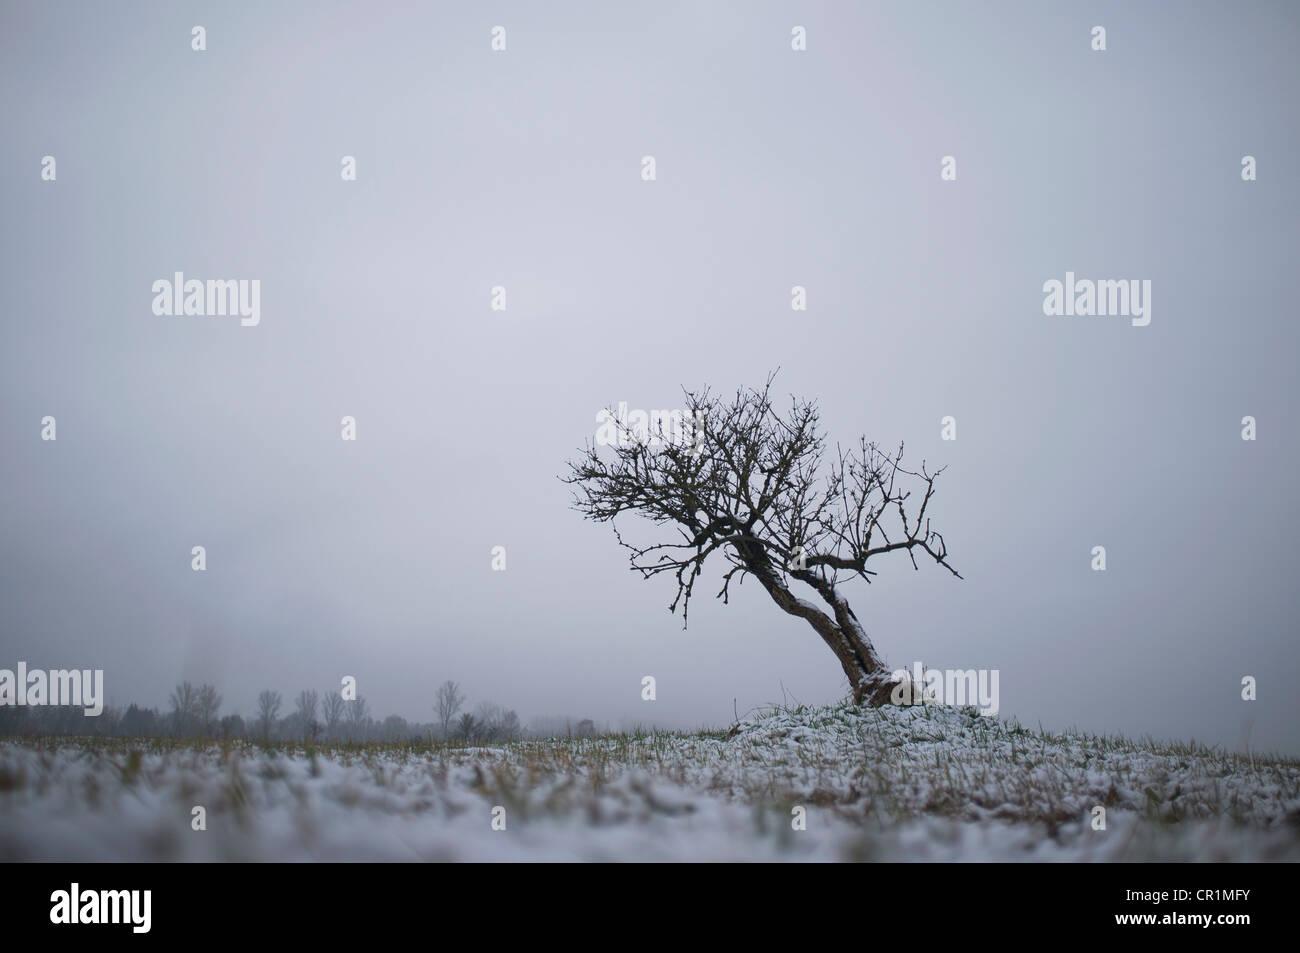 Bare árbol creciendo en paisaje nevado Imagen De Stock